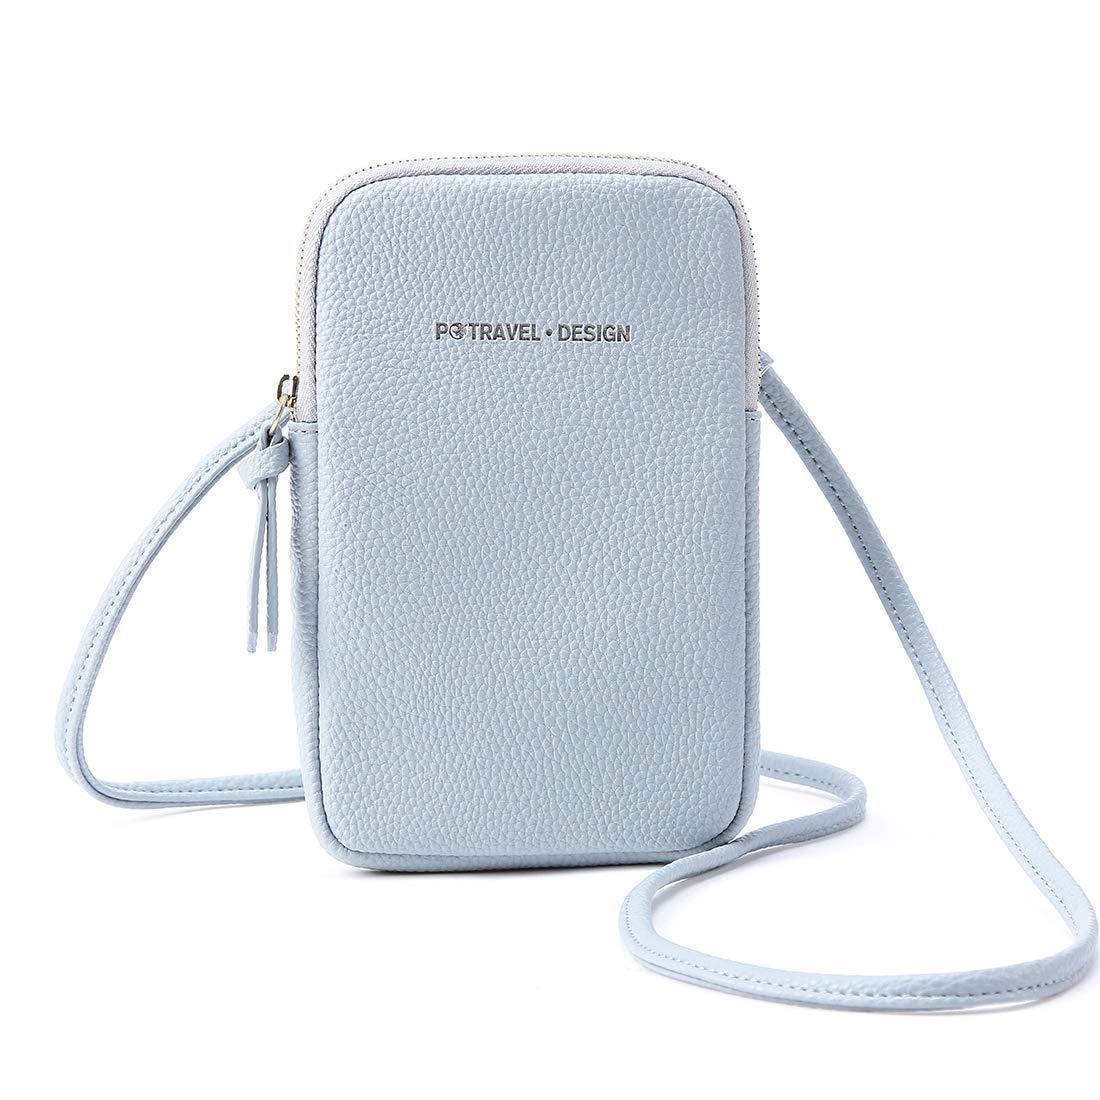 Damen Mini Handytasche Tasche Handy Kleine Umhängetasche Klassisch Messenger Bags Leder Handtasche für Frauen Mädchen Alltag Reise Grosse Smartphones 5.8 Zoll-Blau PTB003